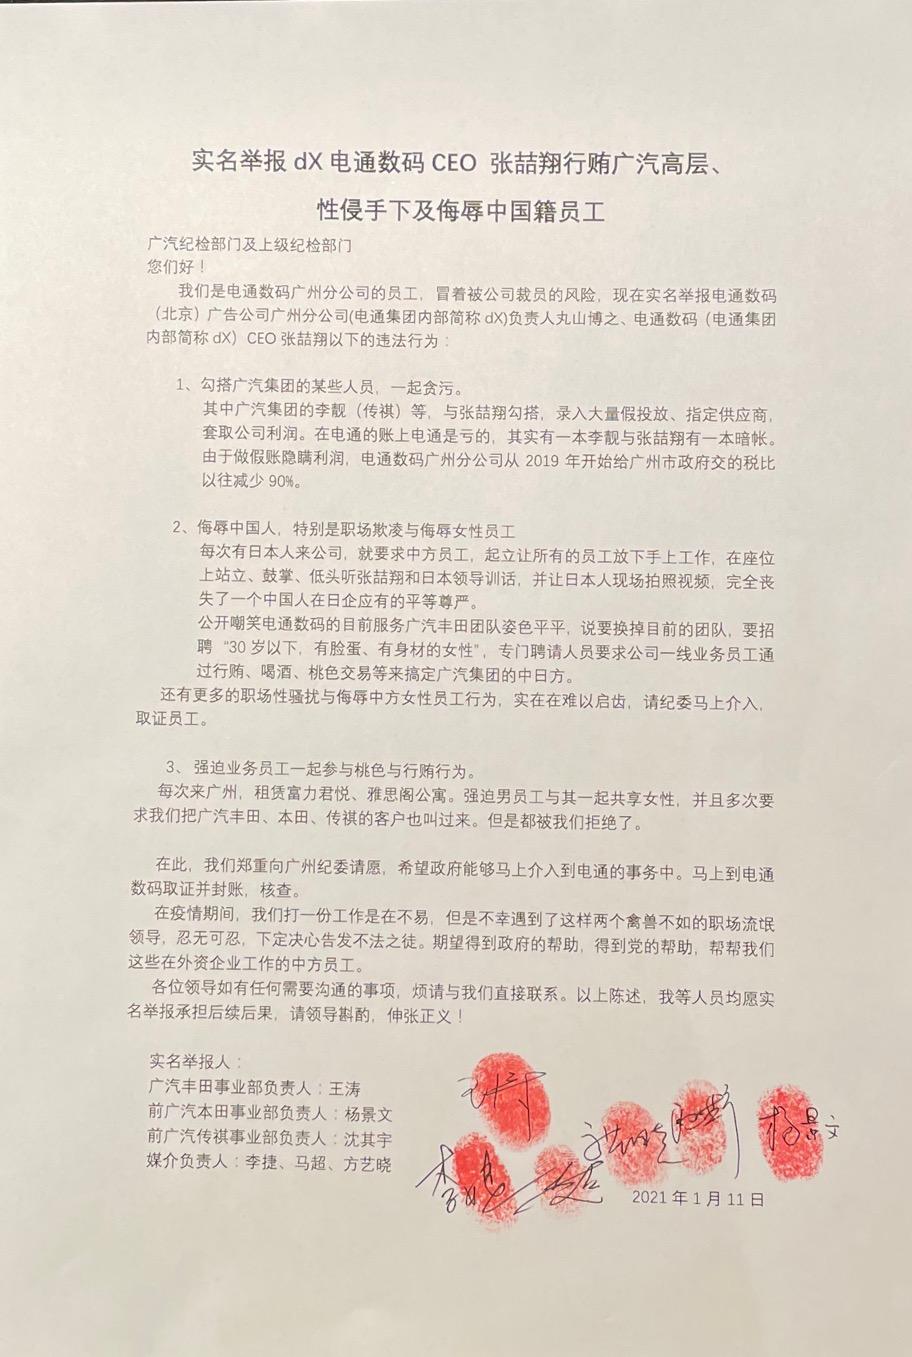 汽车广告行业大地震:电通CEO被举报行贿广汽集团高层 性侵员工侮辱中国籍员工